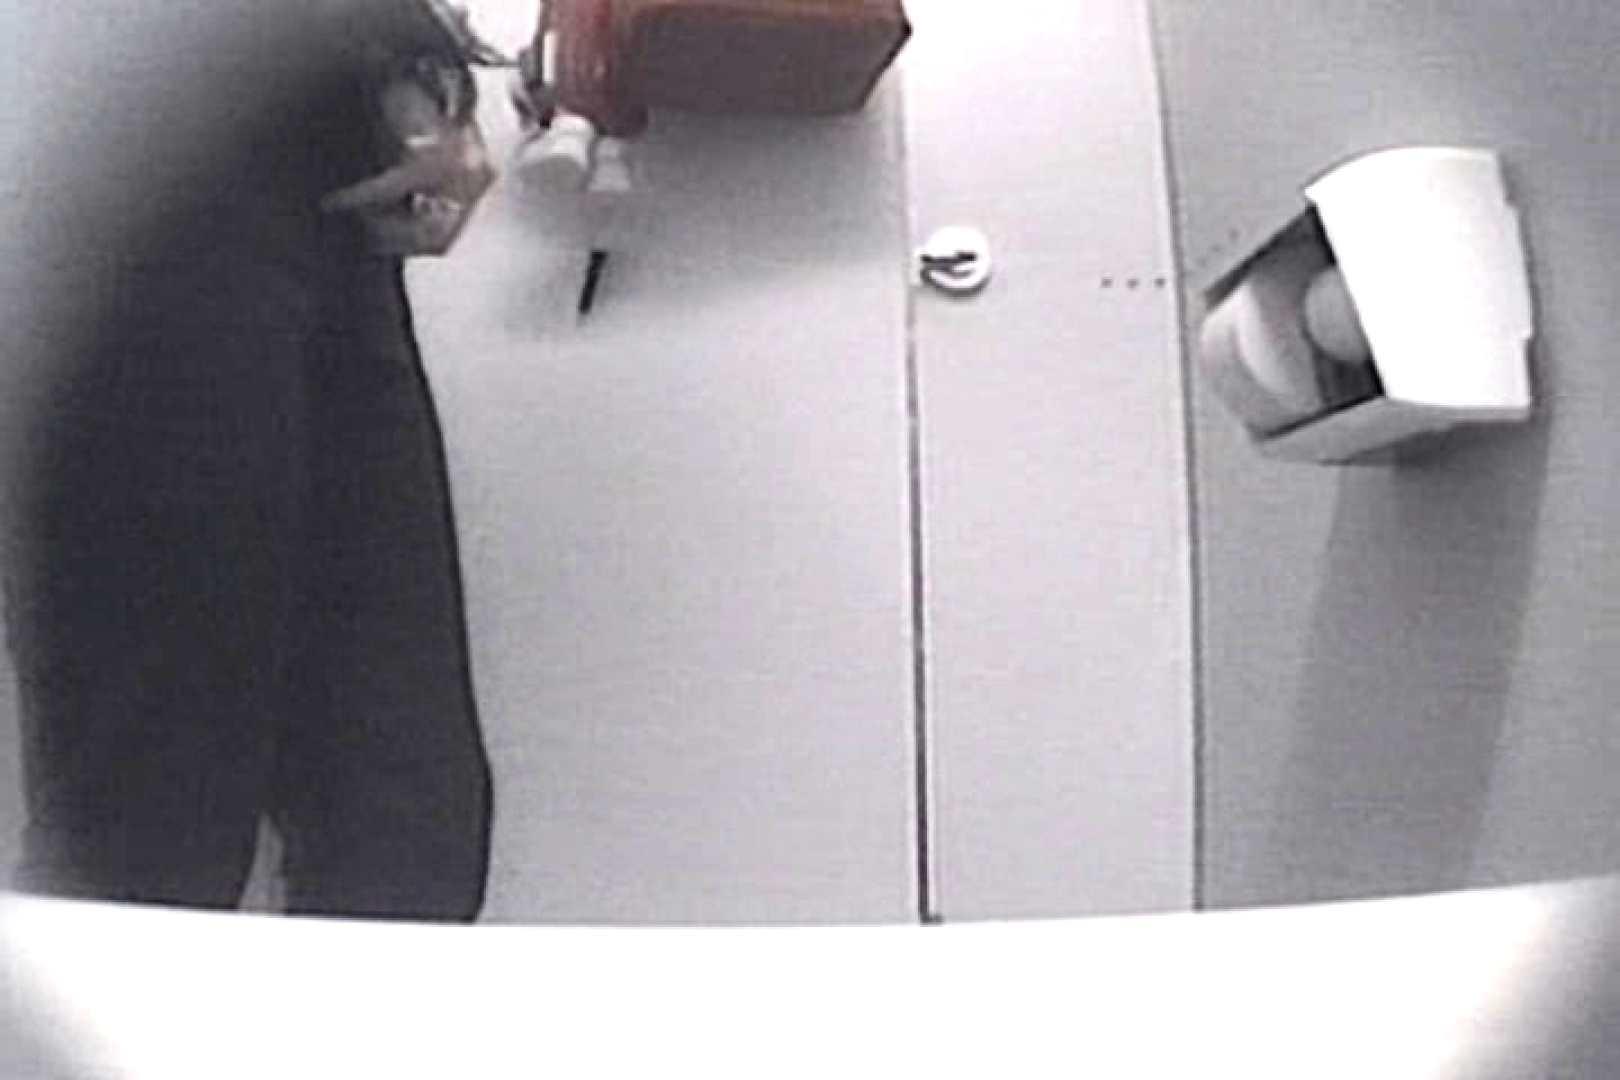 個室狂いのマニア映像Vol.4 エロティックなOL 盗撮画像 61画像 41